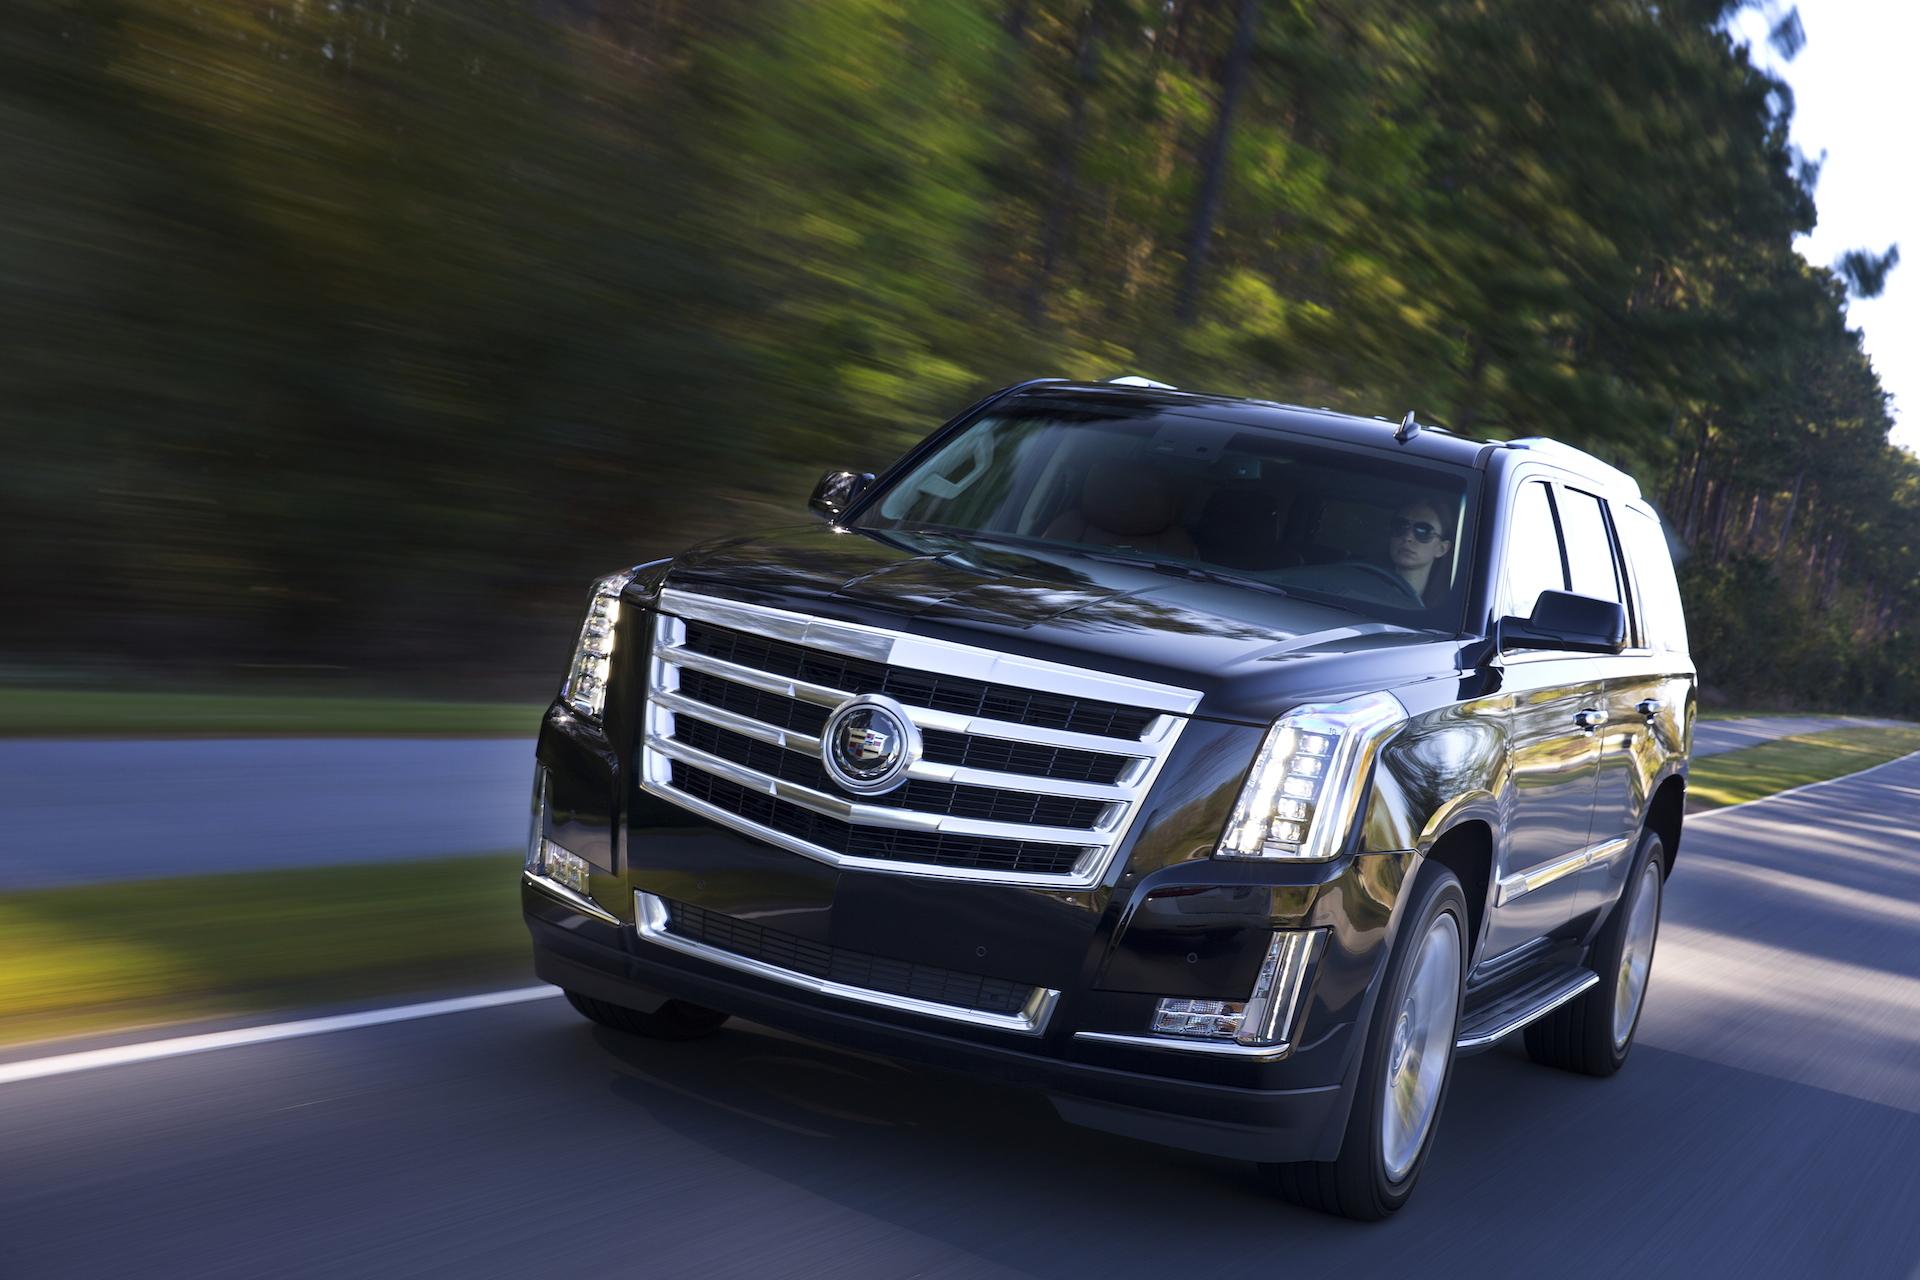 Cadillac Escalade May Go Super-Luxurious, Top $100k Mark